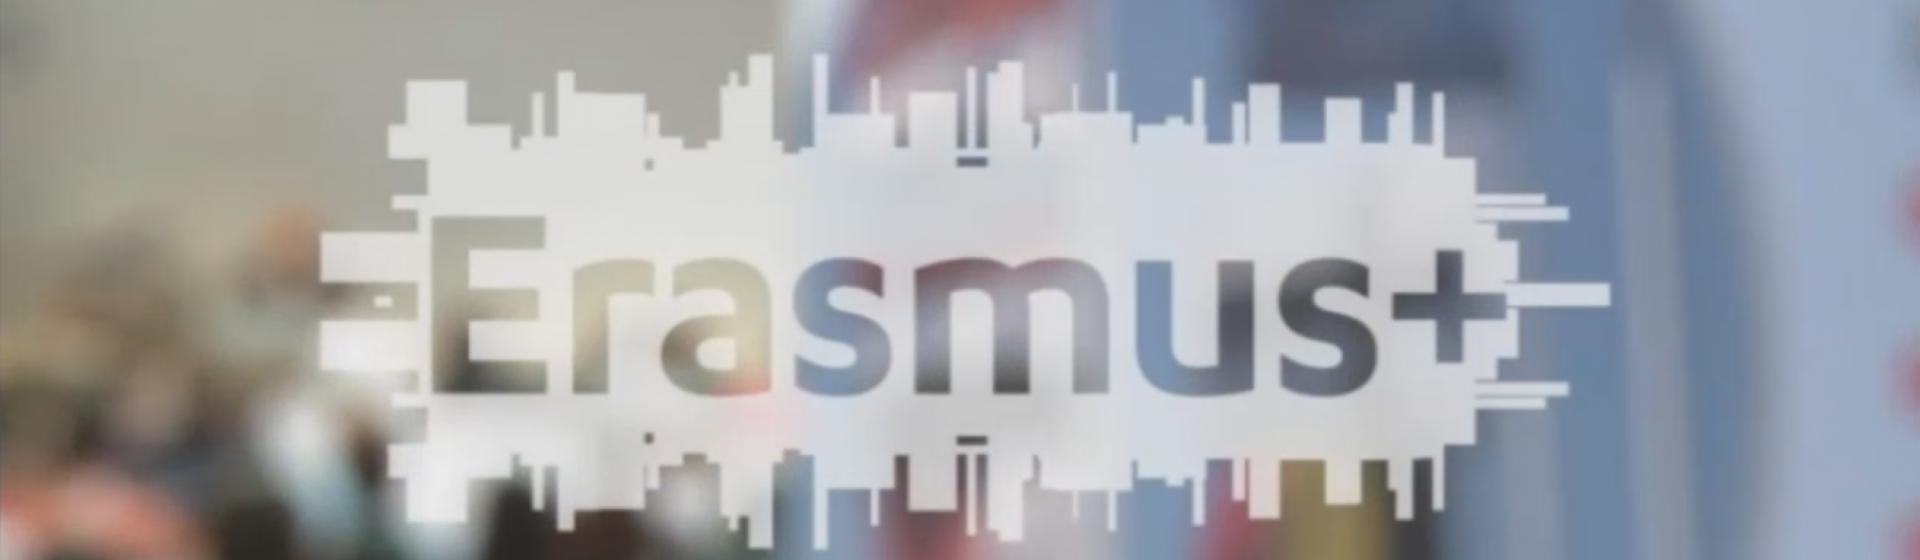 erasmus-plus-01-tbn